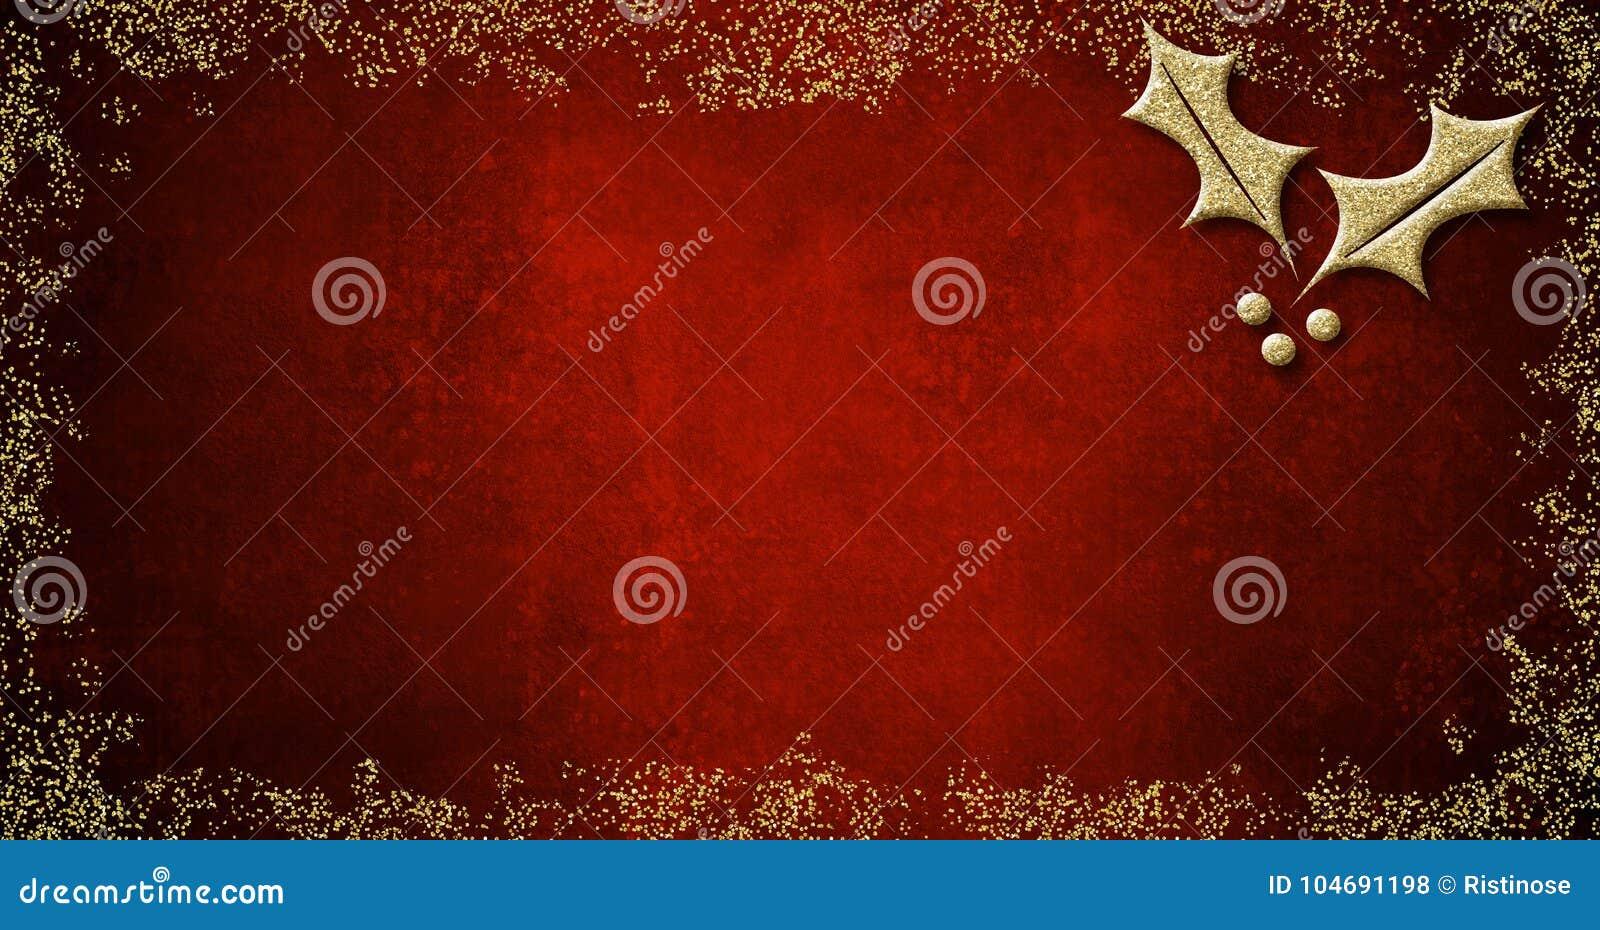 Fondos de tarjetas de navidad para escribir